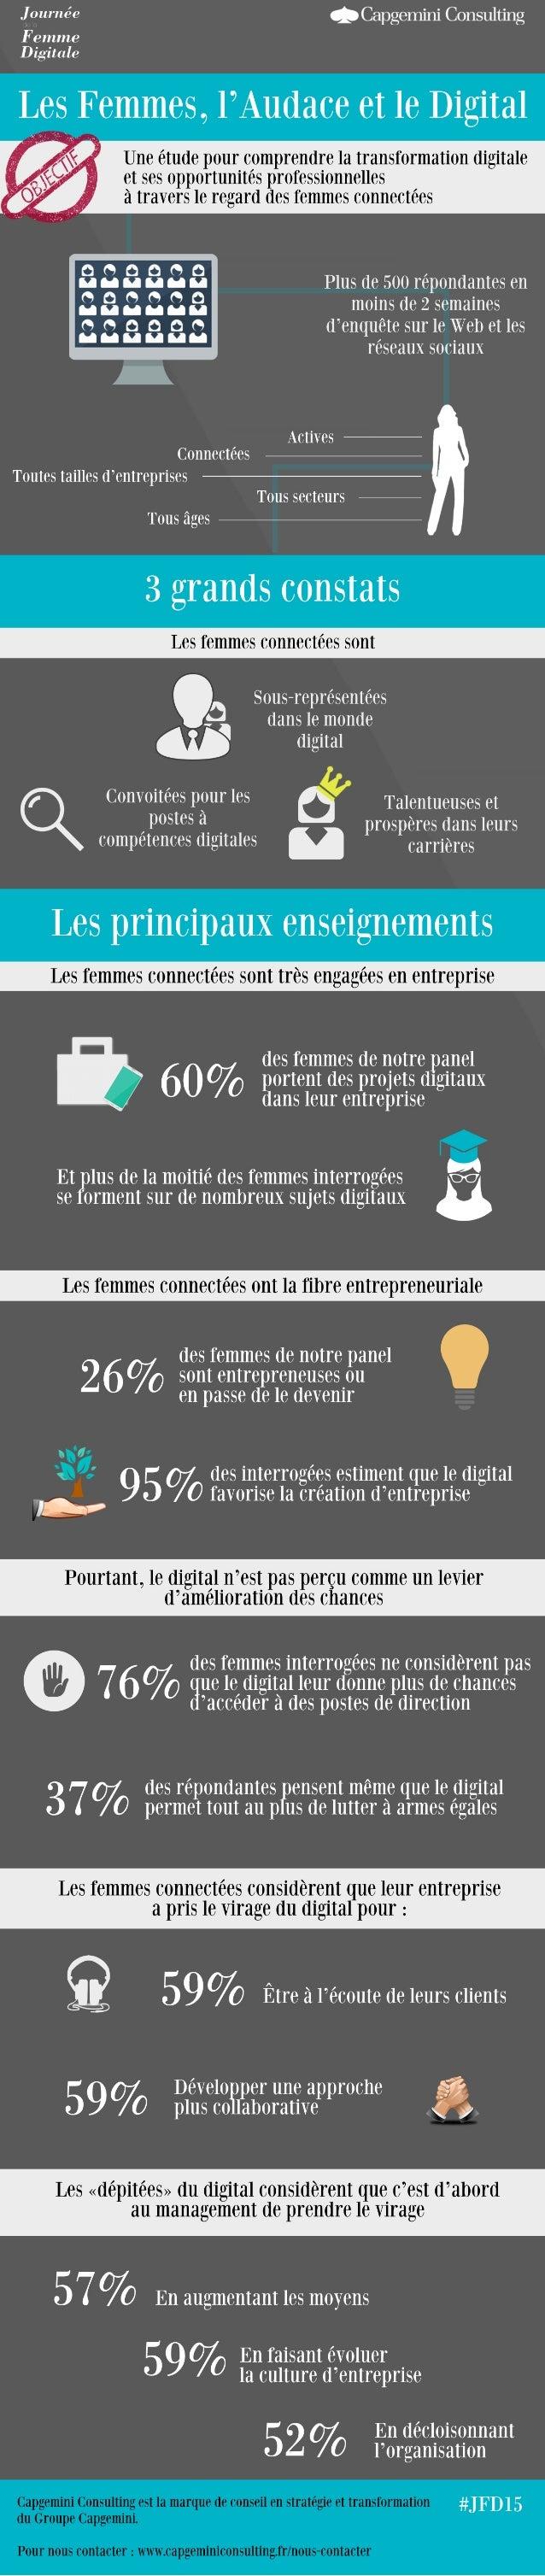 Les femmes, l'audace et le digital : Une étude pour comprendre la transformation digitale et ses opportunités